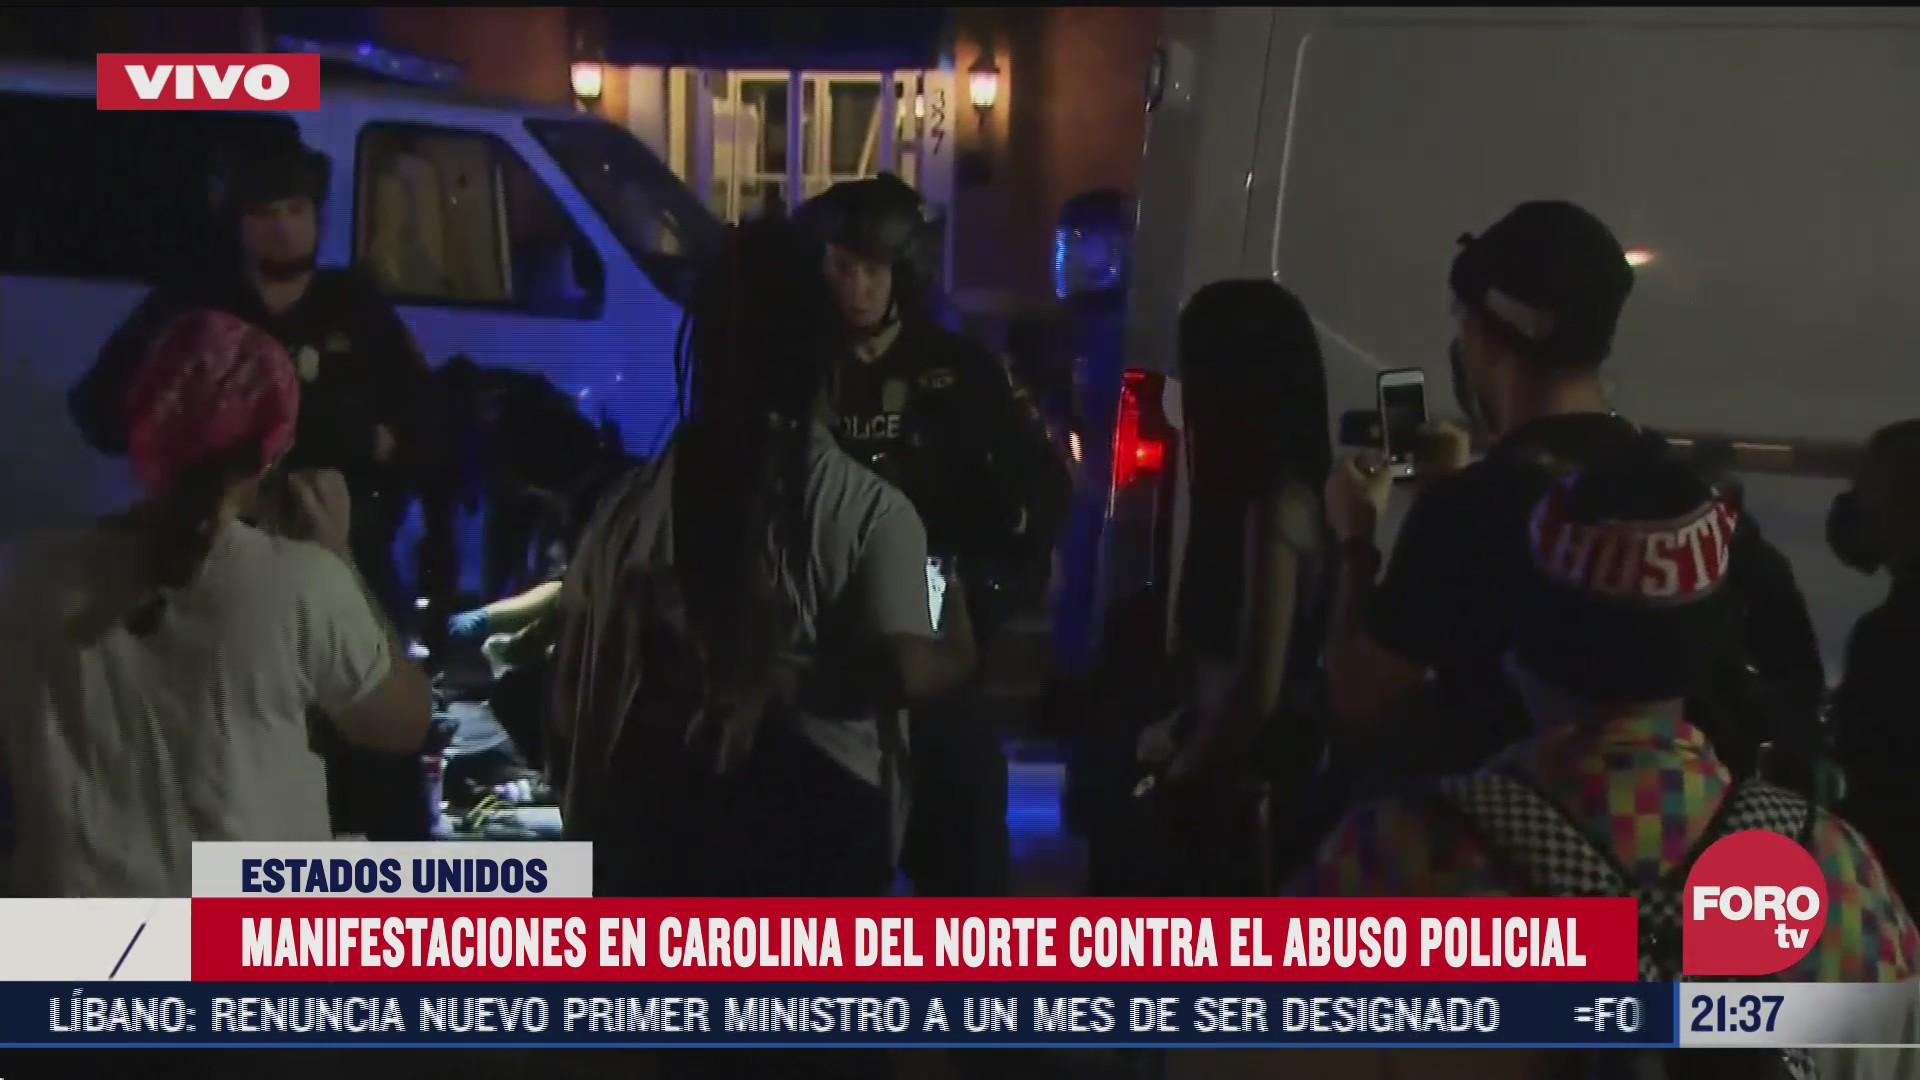 protestan contra el abuso policial en carolina del norte